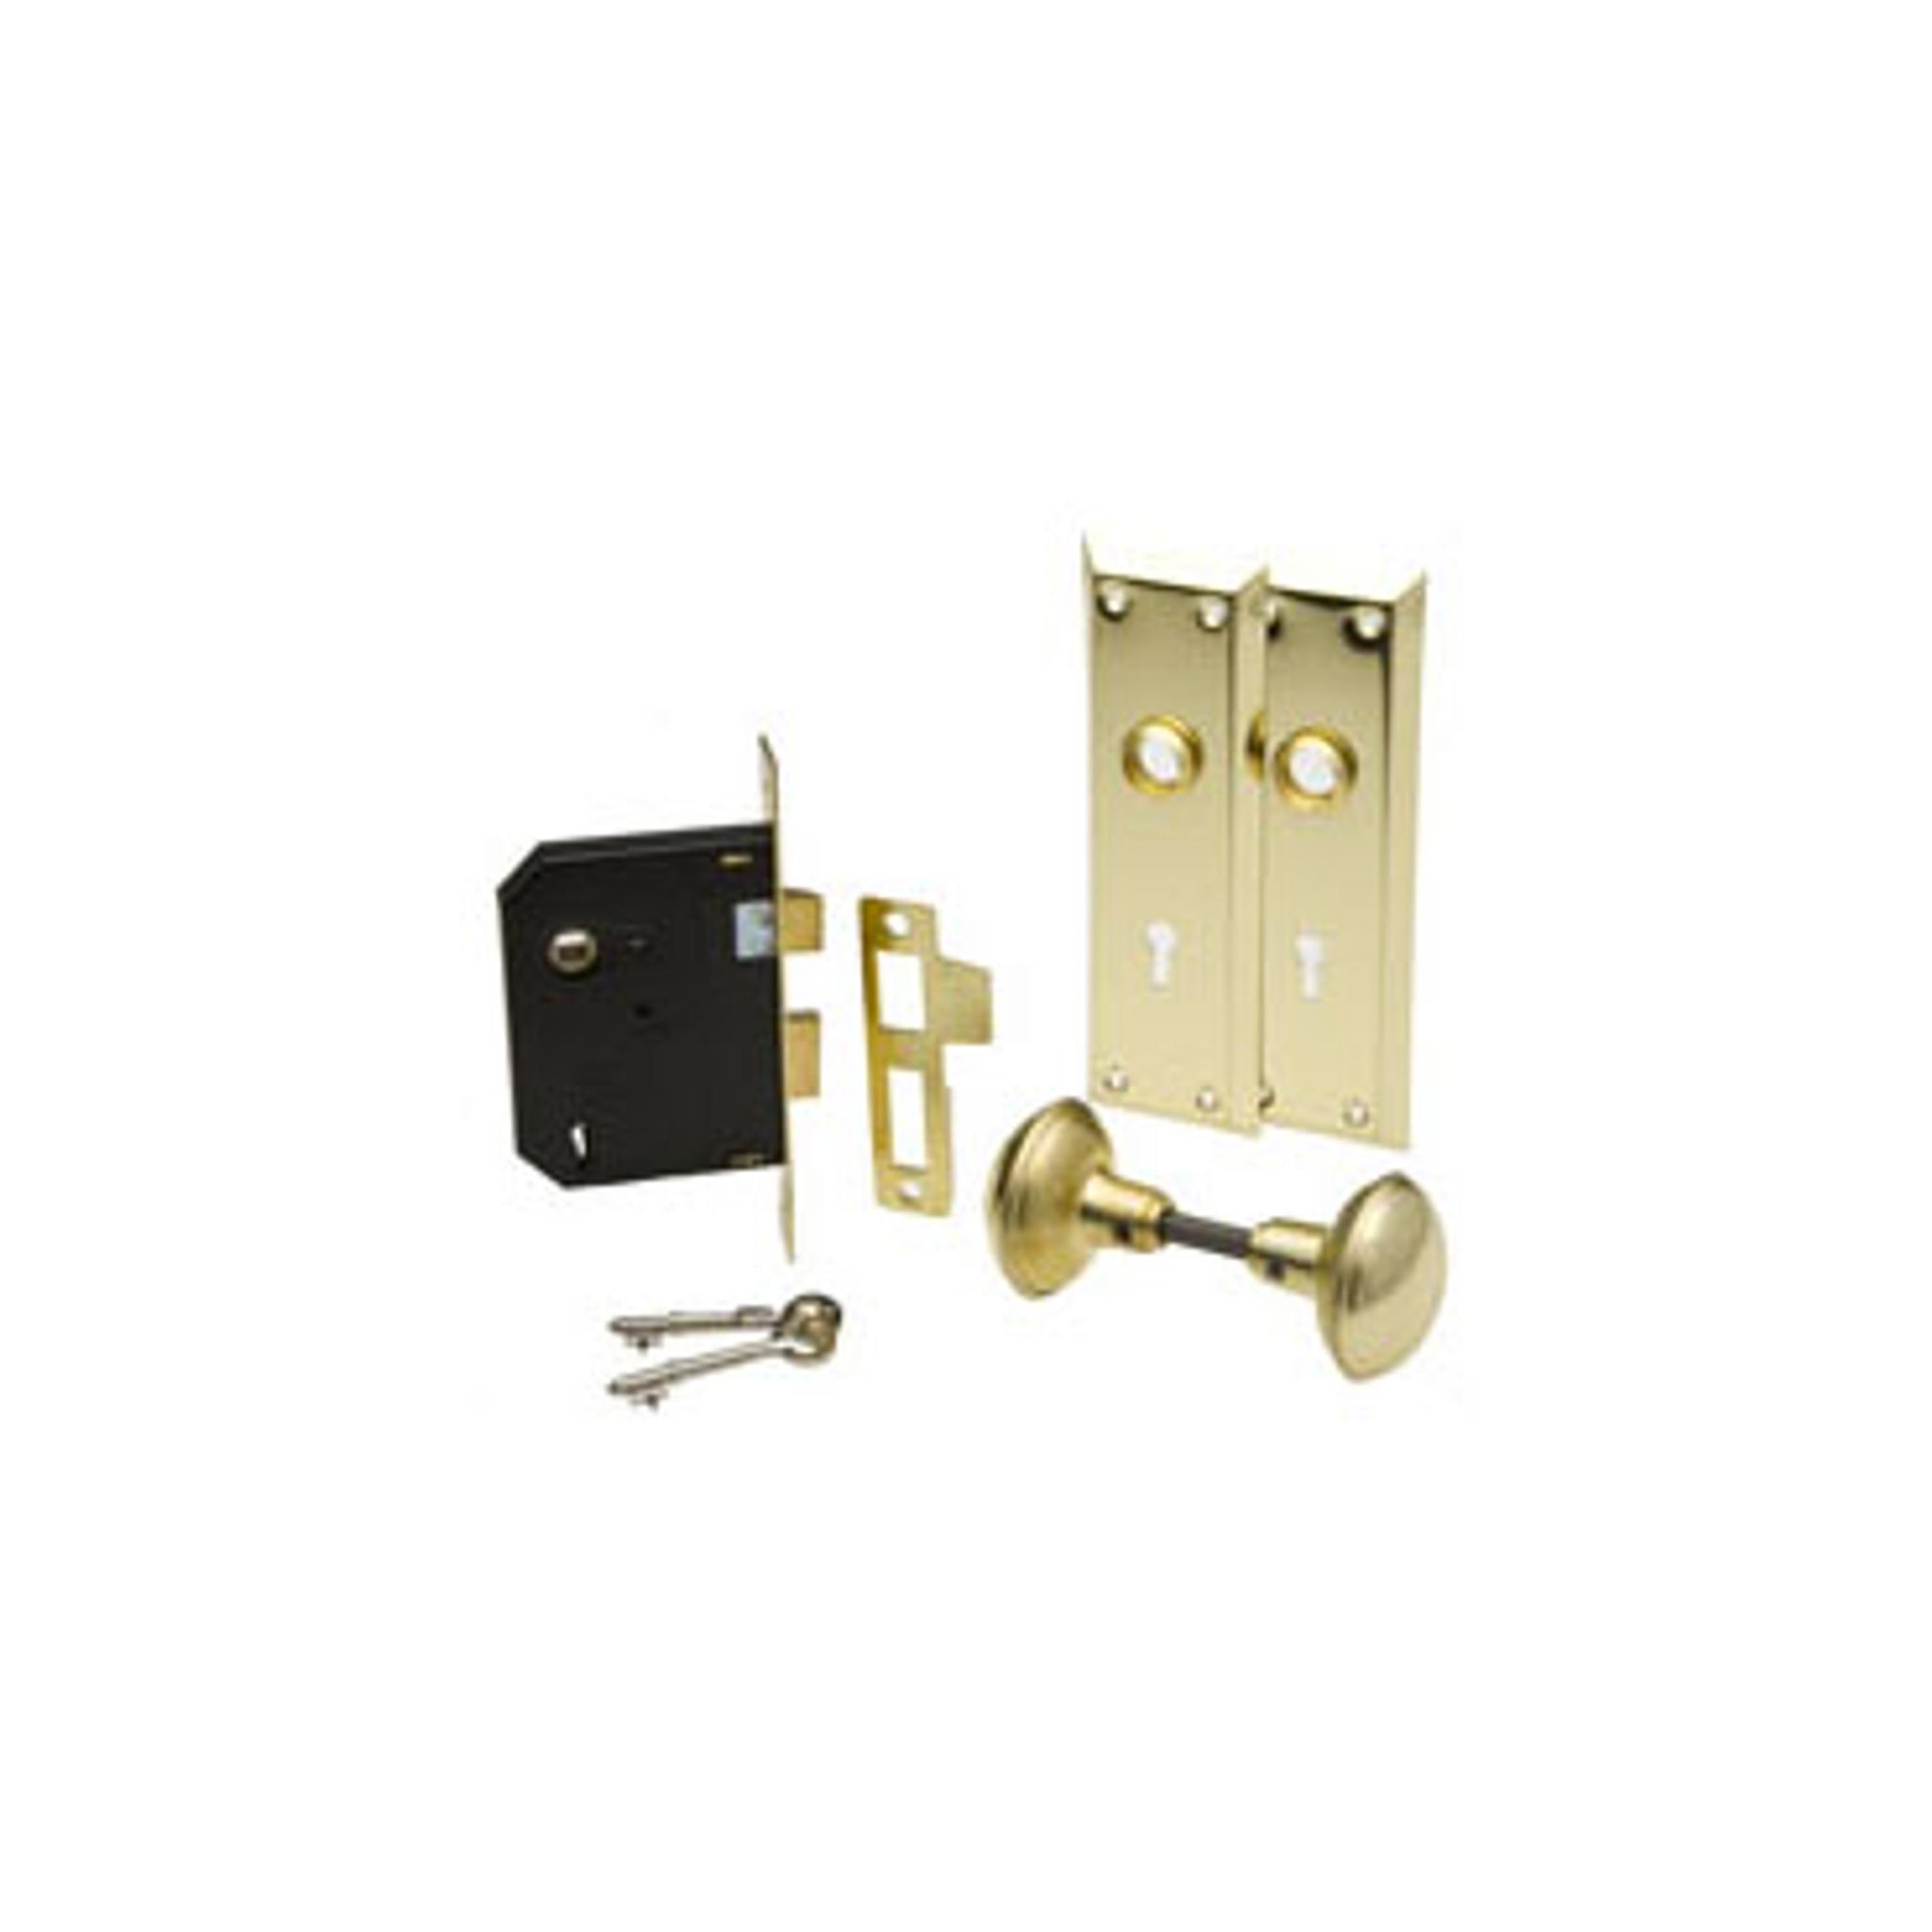 ilco 215-04-51 Bit Key Mortise Lockset